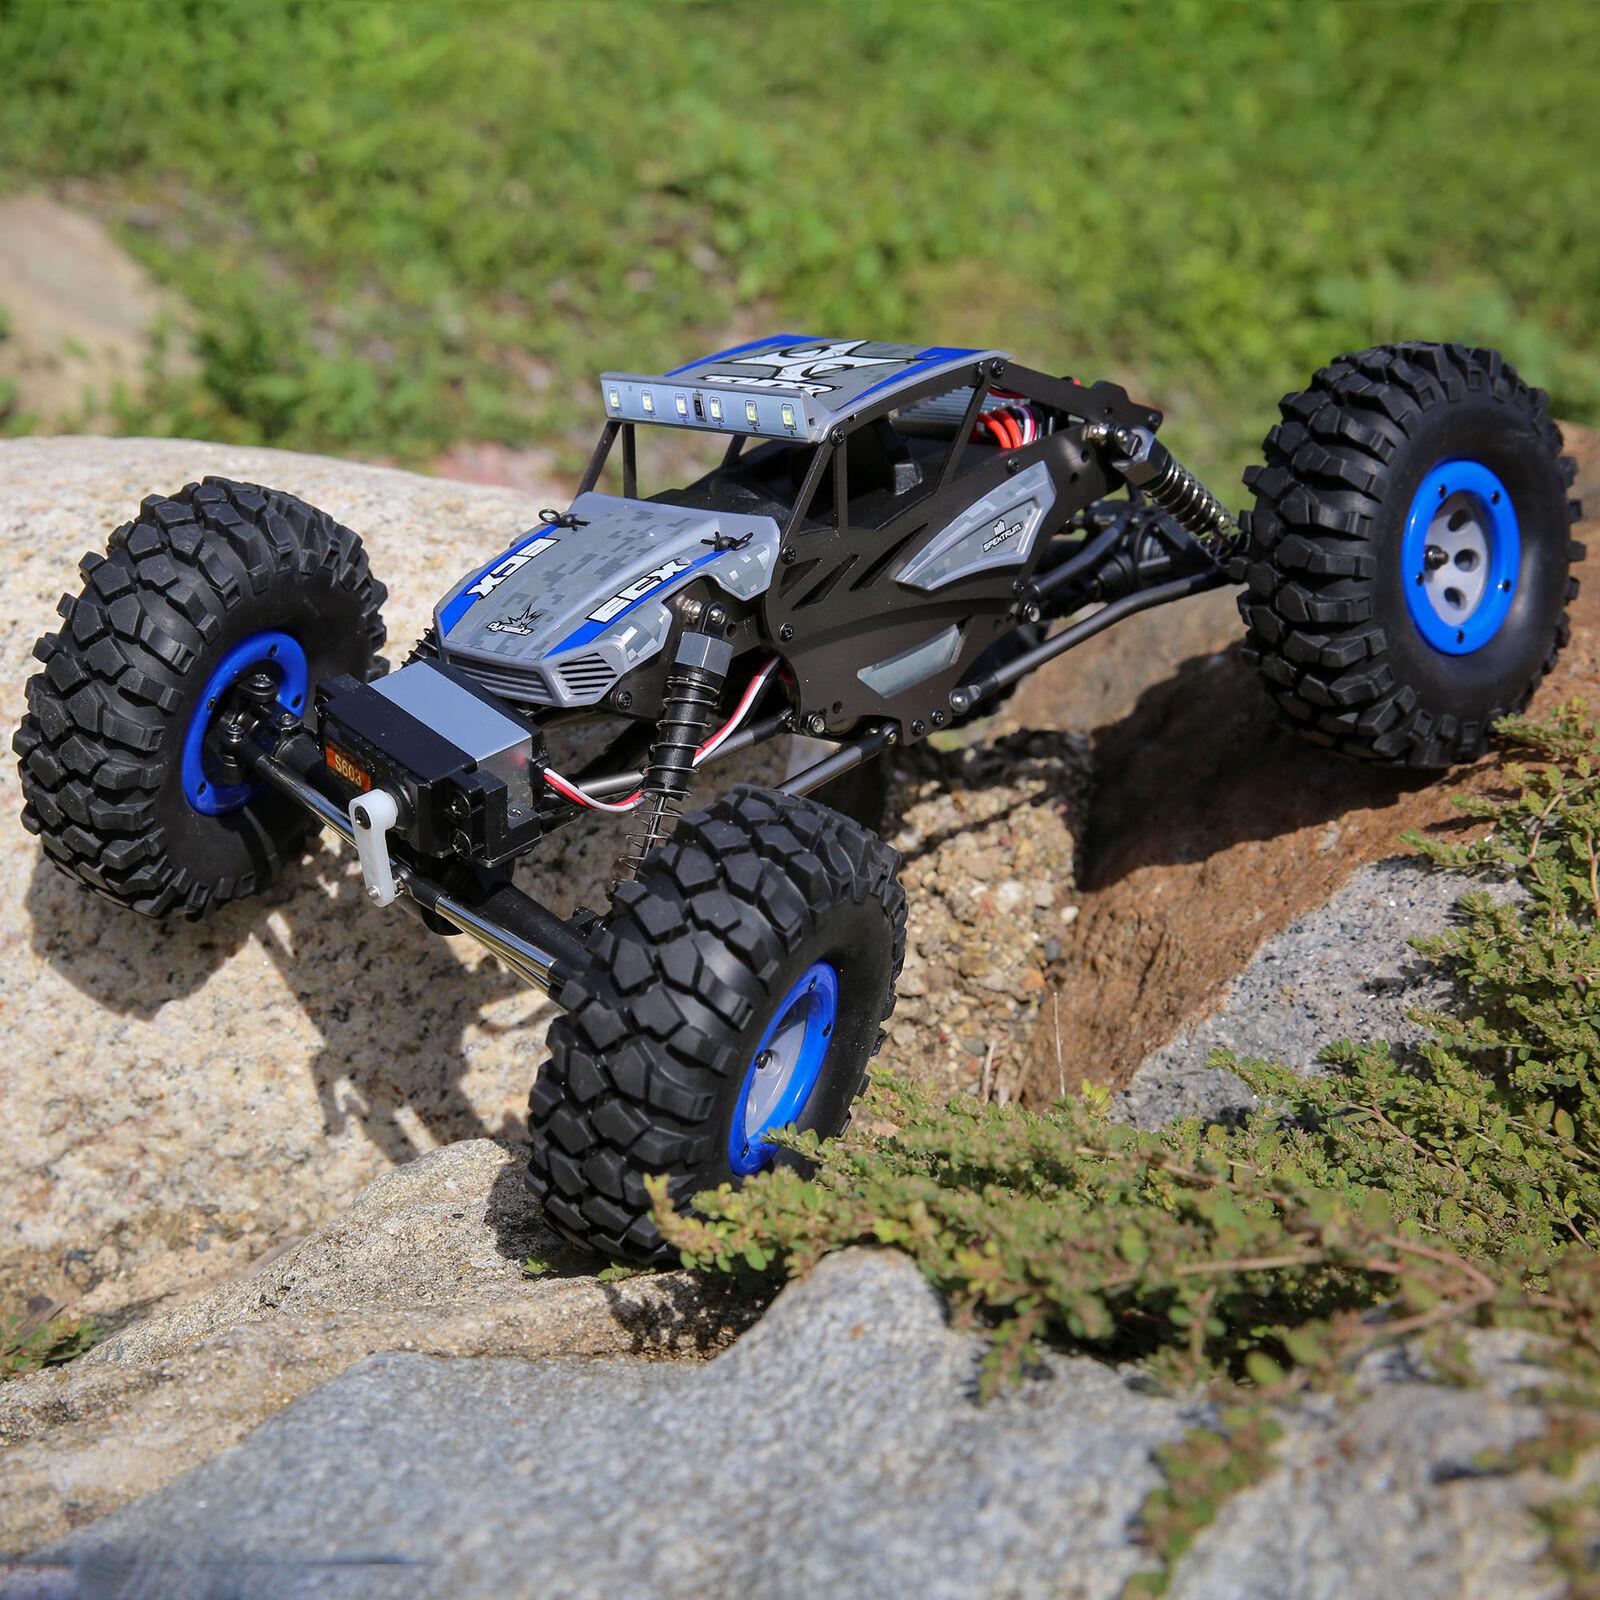 1/18 Temper 4WD Gen 2 Brushed RTR, Blue